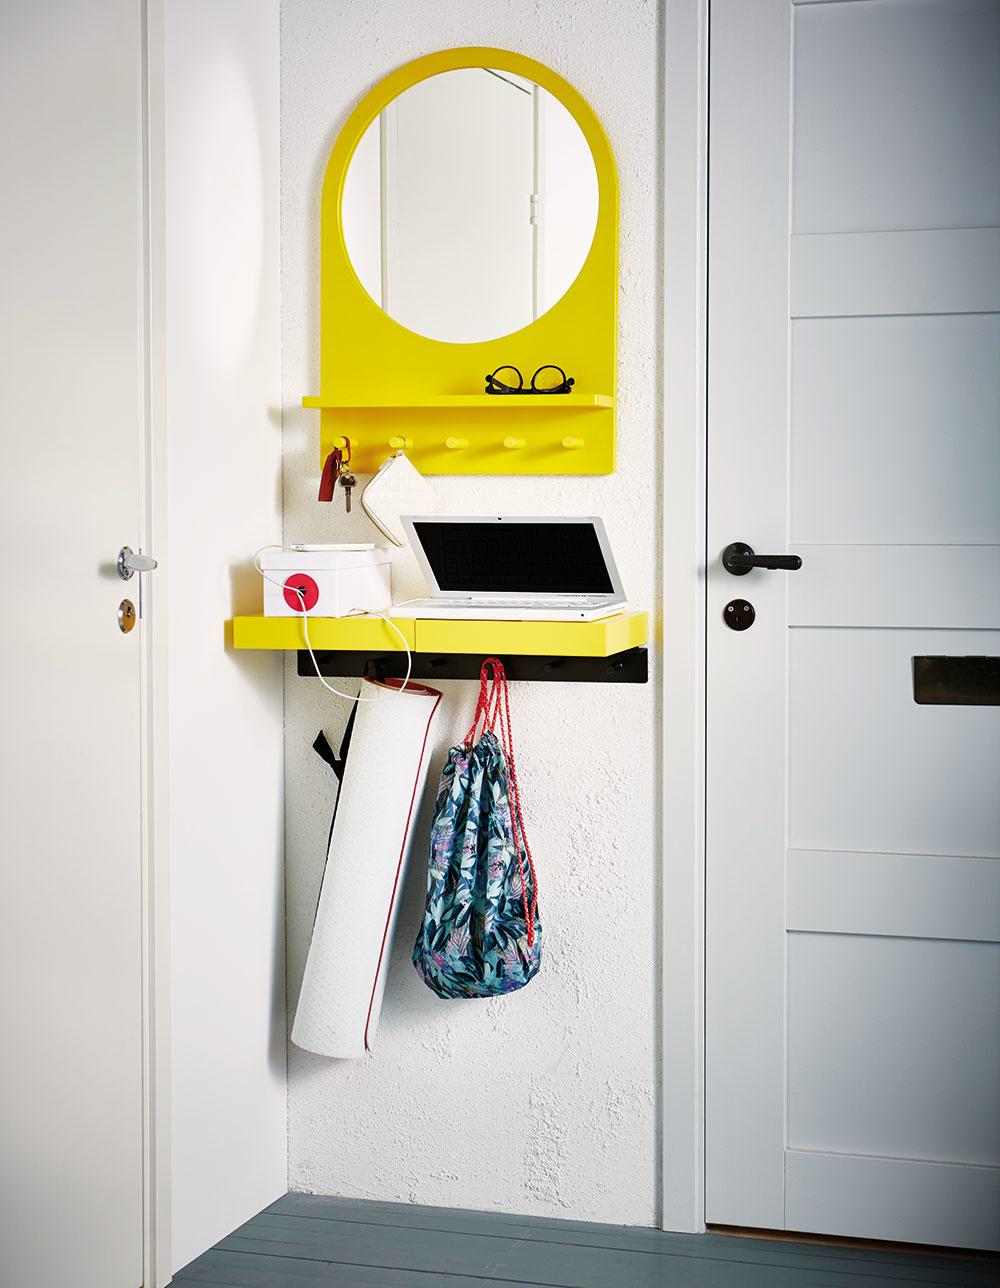 Zrkadlo spolicou aháčikmi SALTRÖD, dizajn Ebba Strandmark, 50 × 68 cm, drevovláknitá doska, masívna breza, sklo, aj vbielej farbe, 49,99 €, IKEA